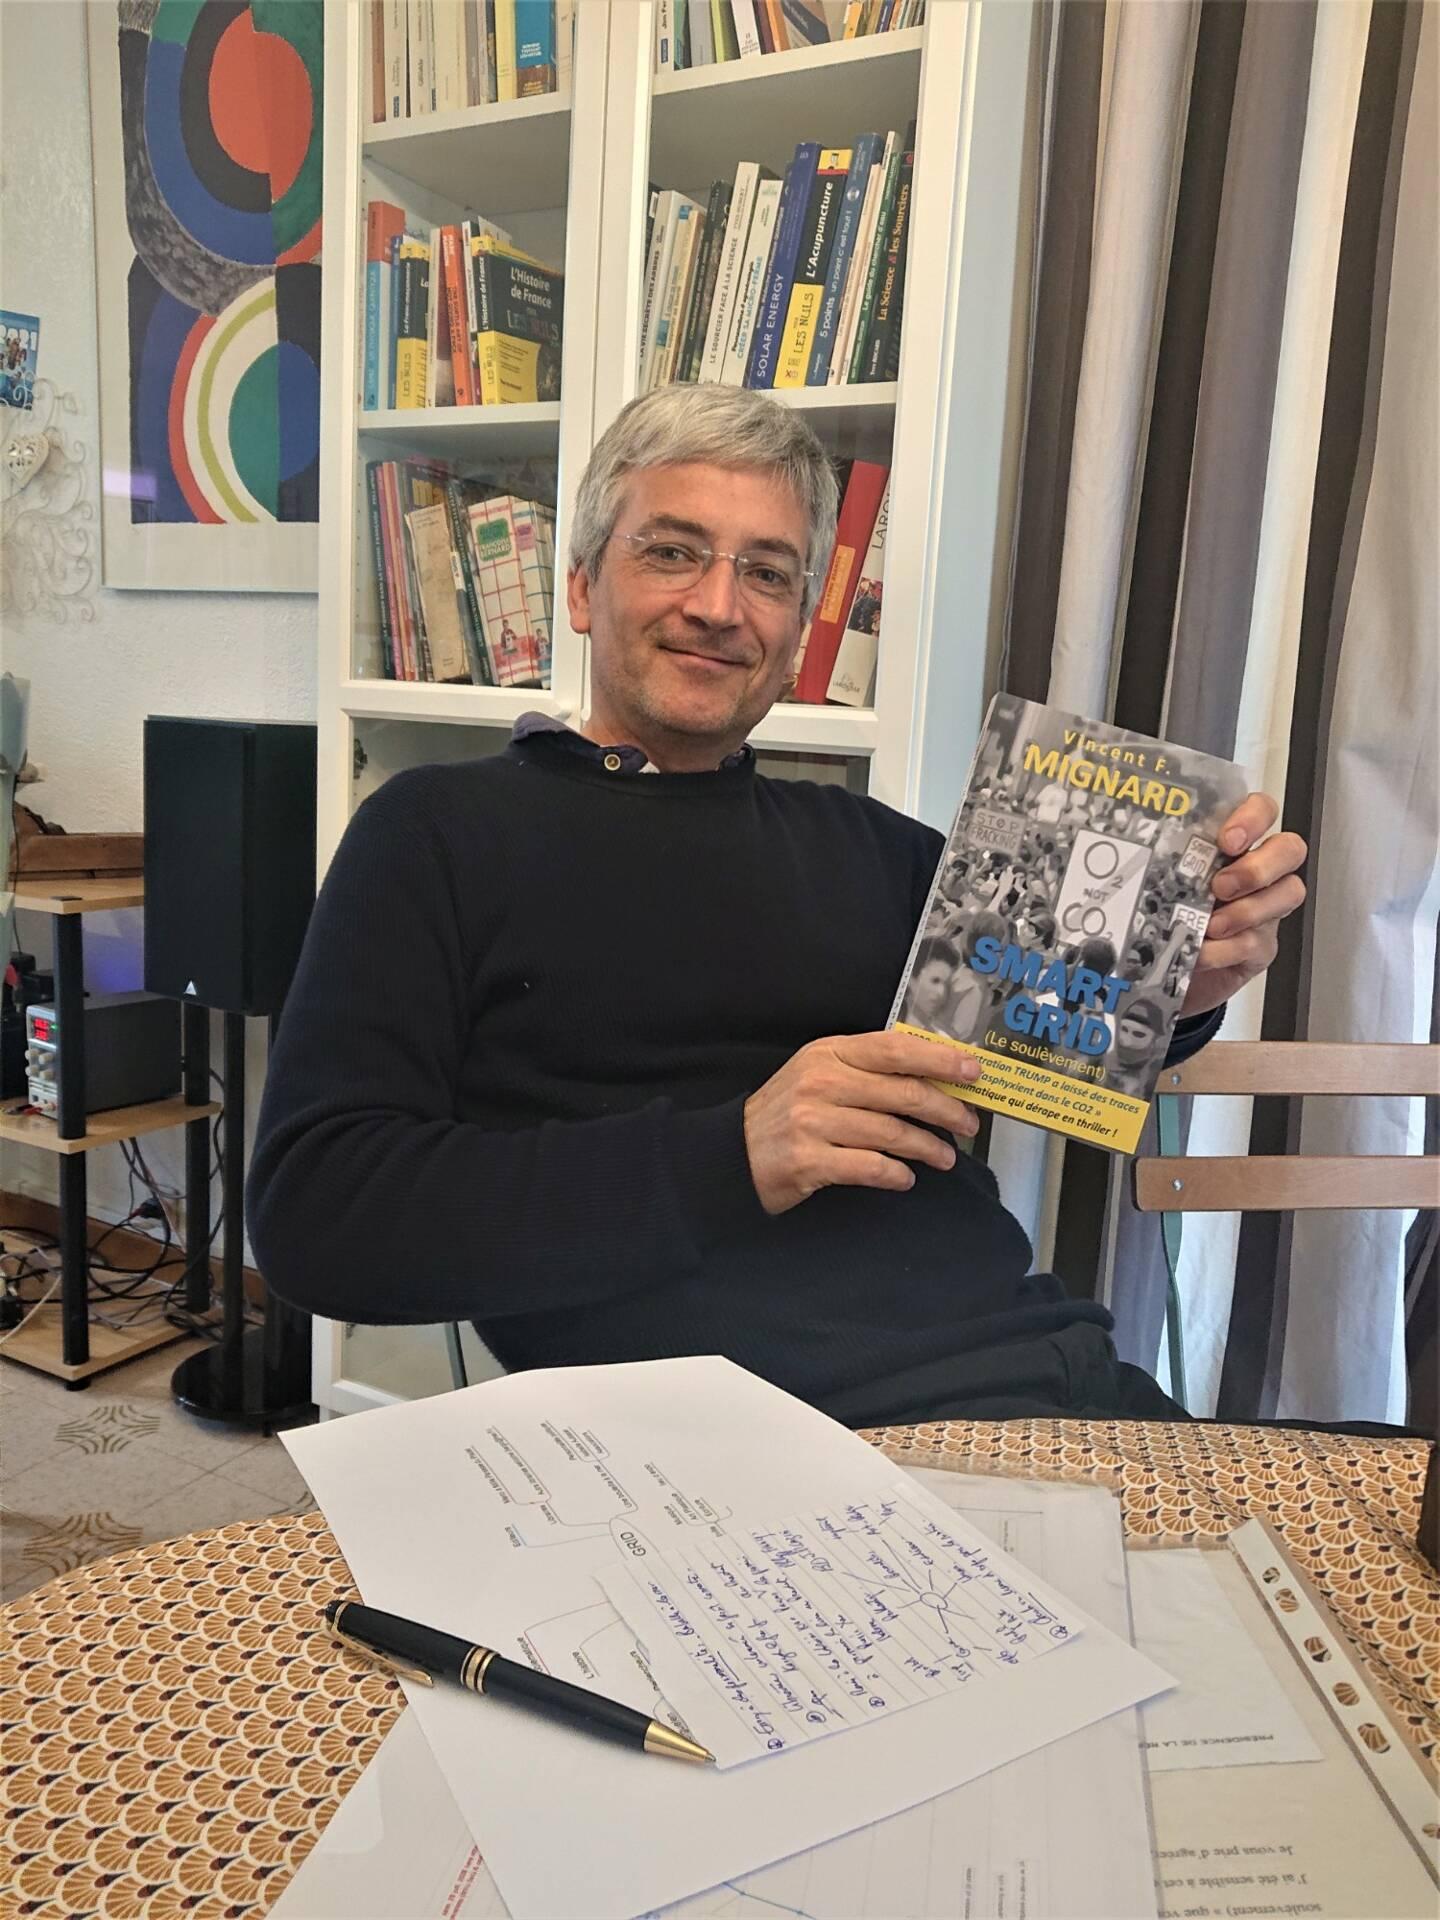 Dans sa fiction Smart Grid, Vincent Mignard parle du retour de boomerang qui nous attend si le monde n'effectue pas sa transition énergétique.